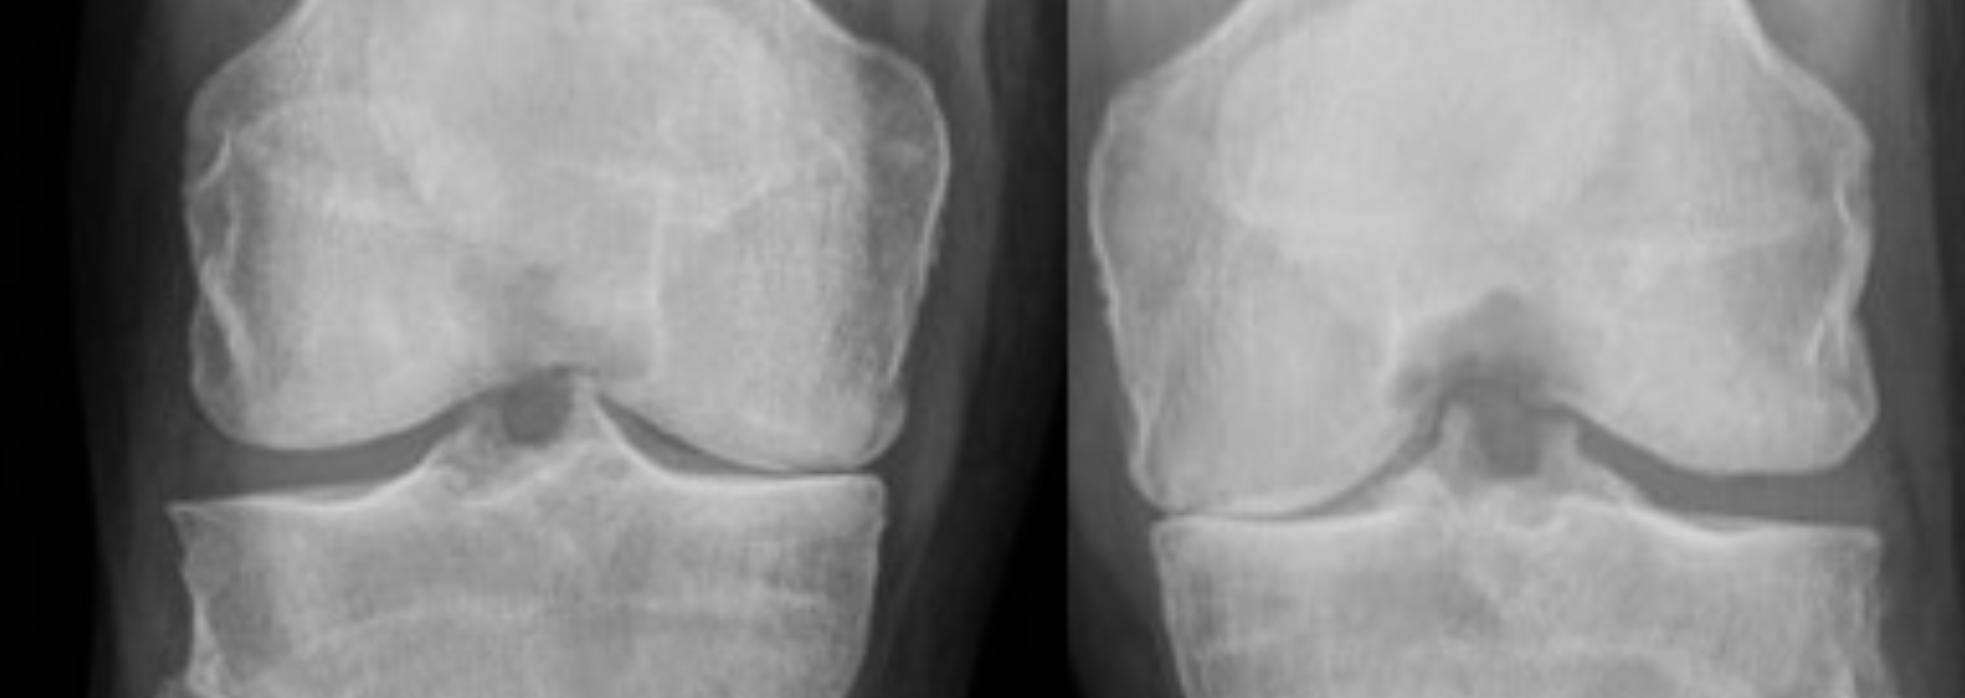 knee x-rays